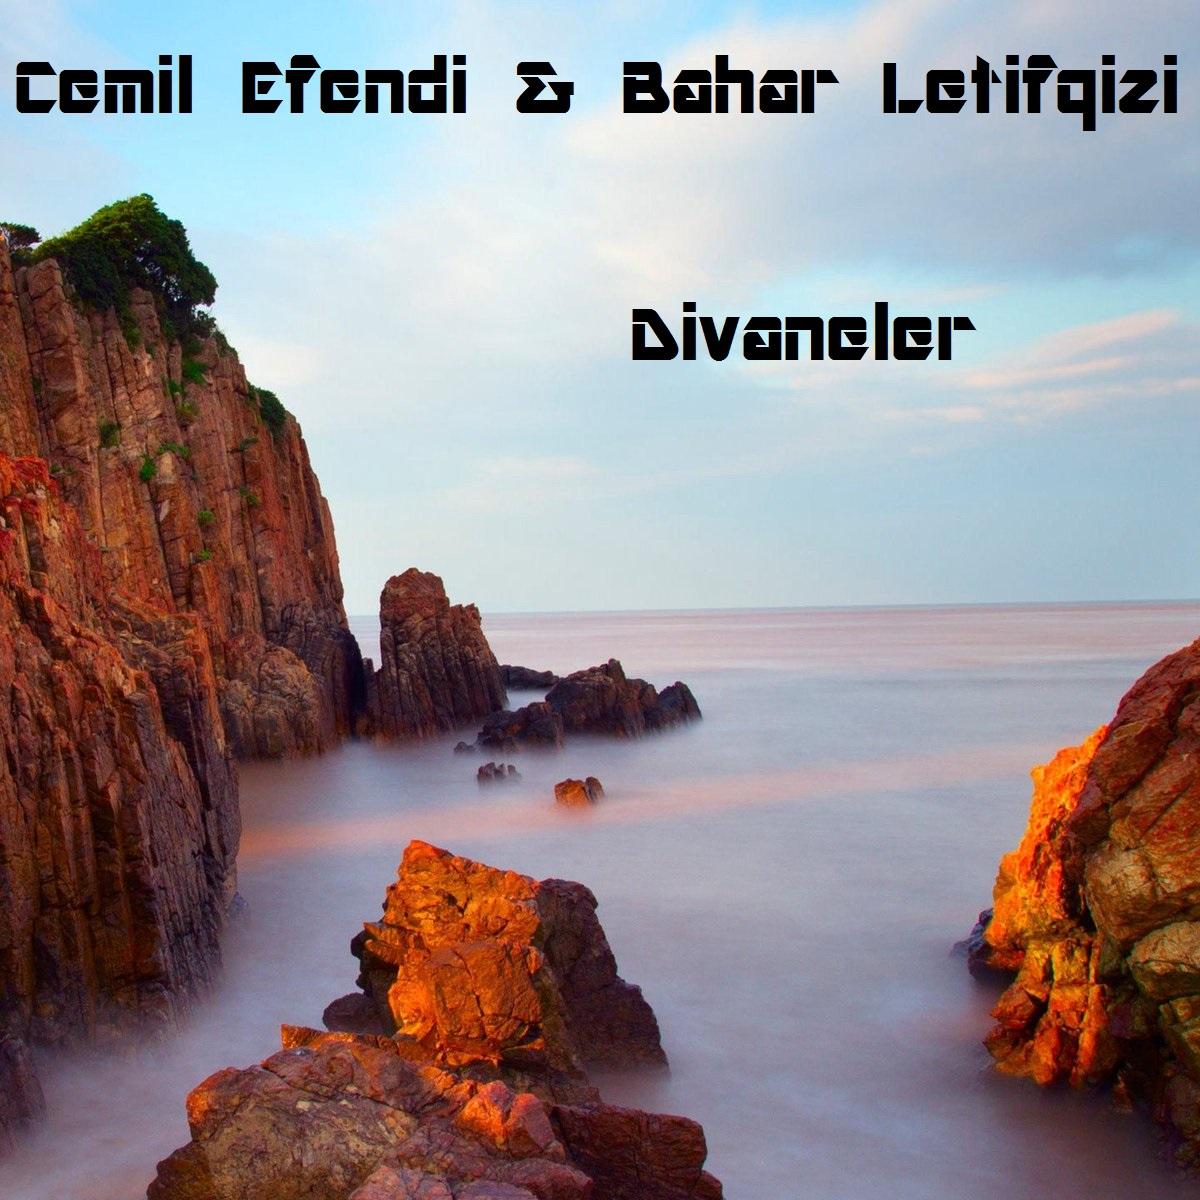 http://s5.picofile.com/file/8363185026/z5.jpg